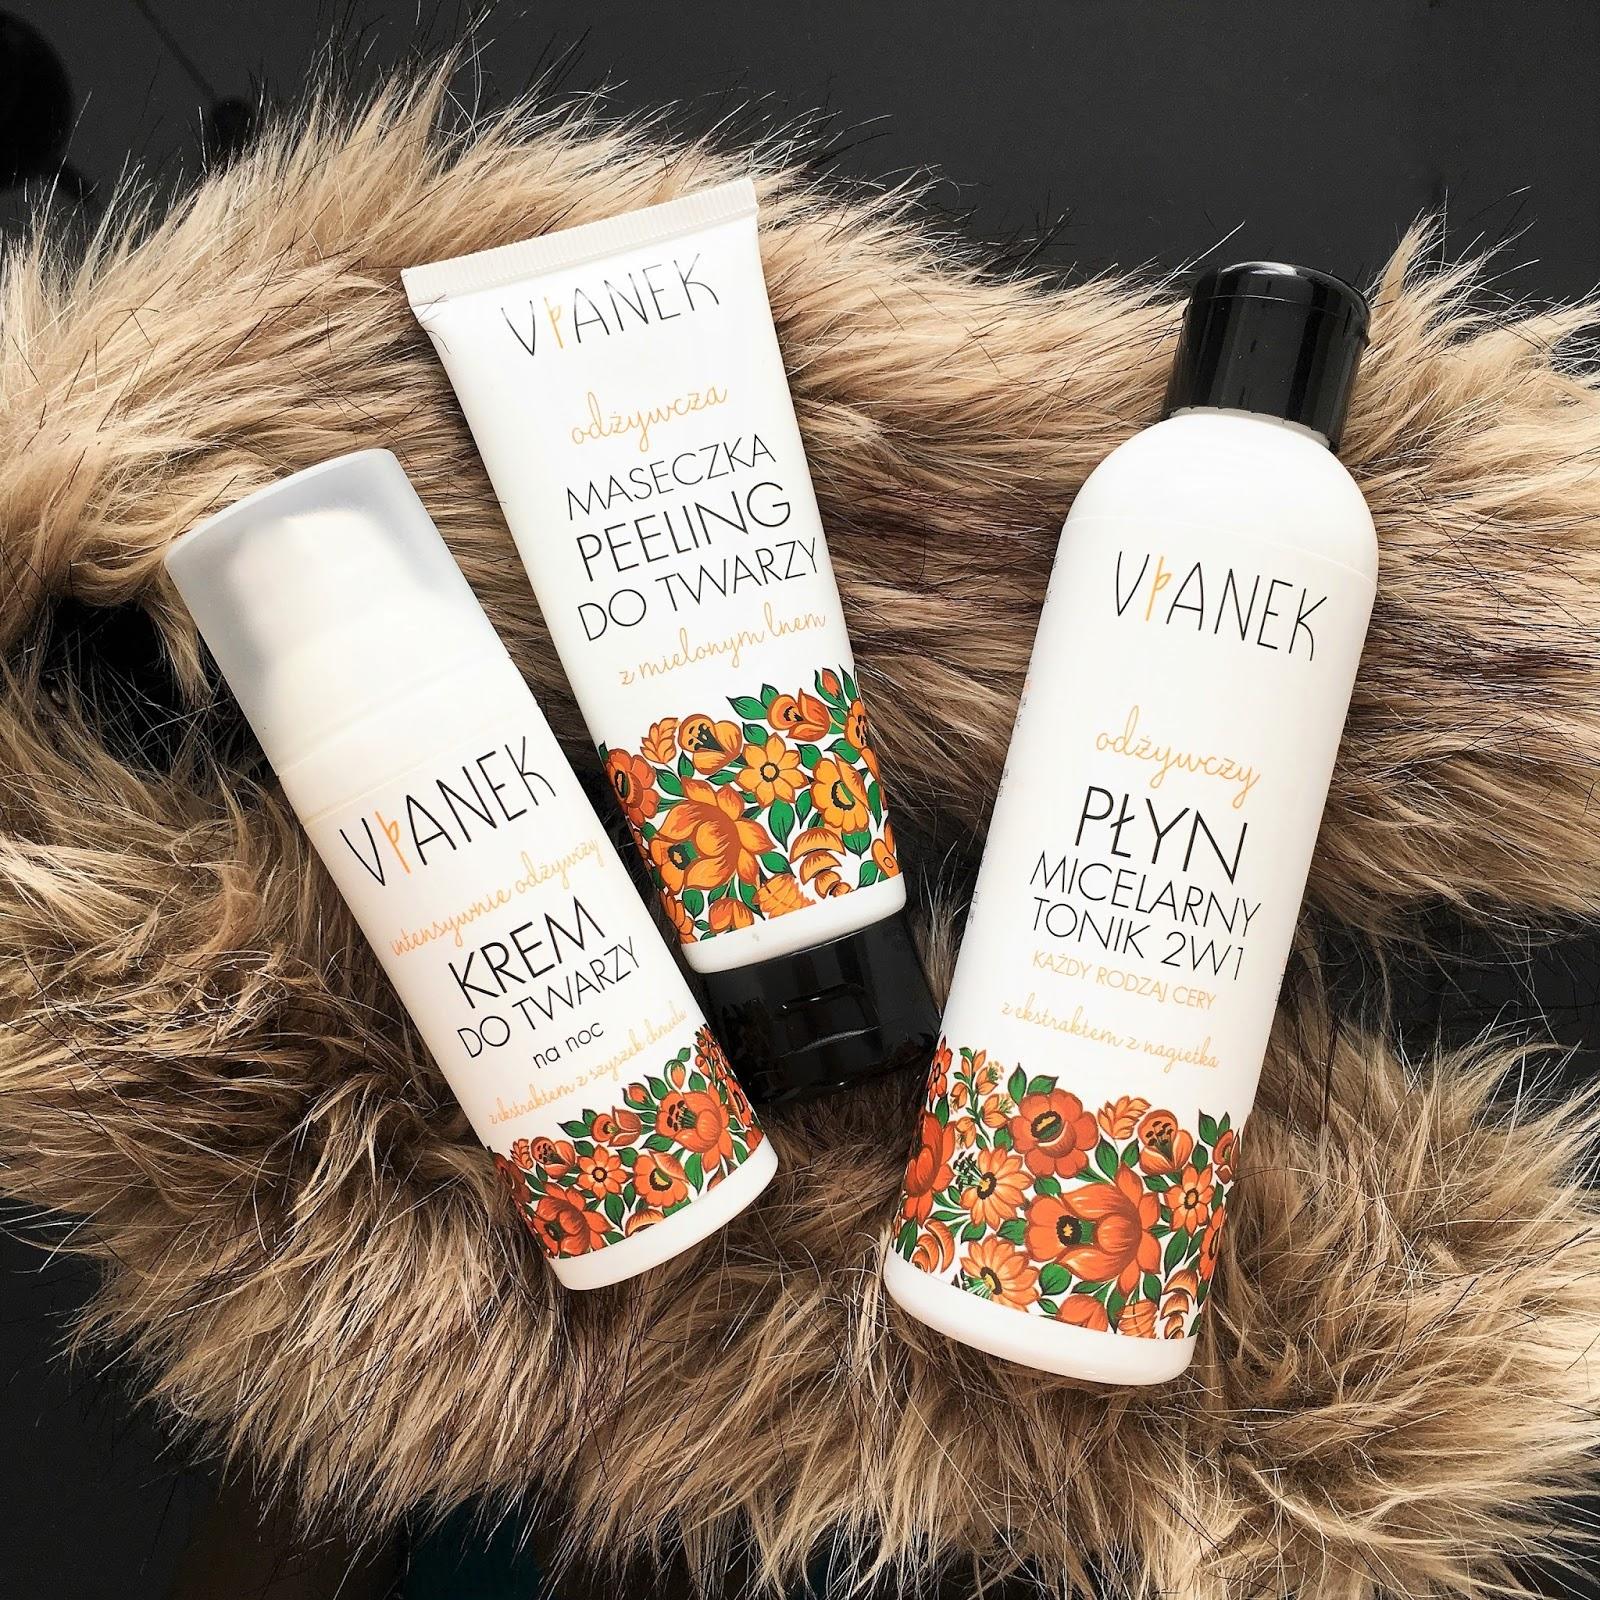 3 produkty do twarzy z Vianka z serii odżywczej: krem, maska i micel